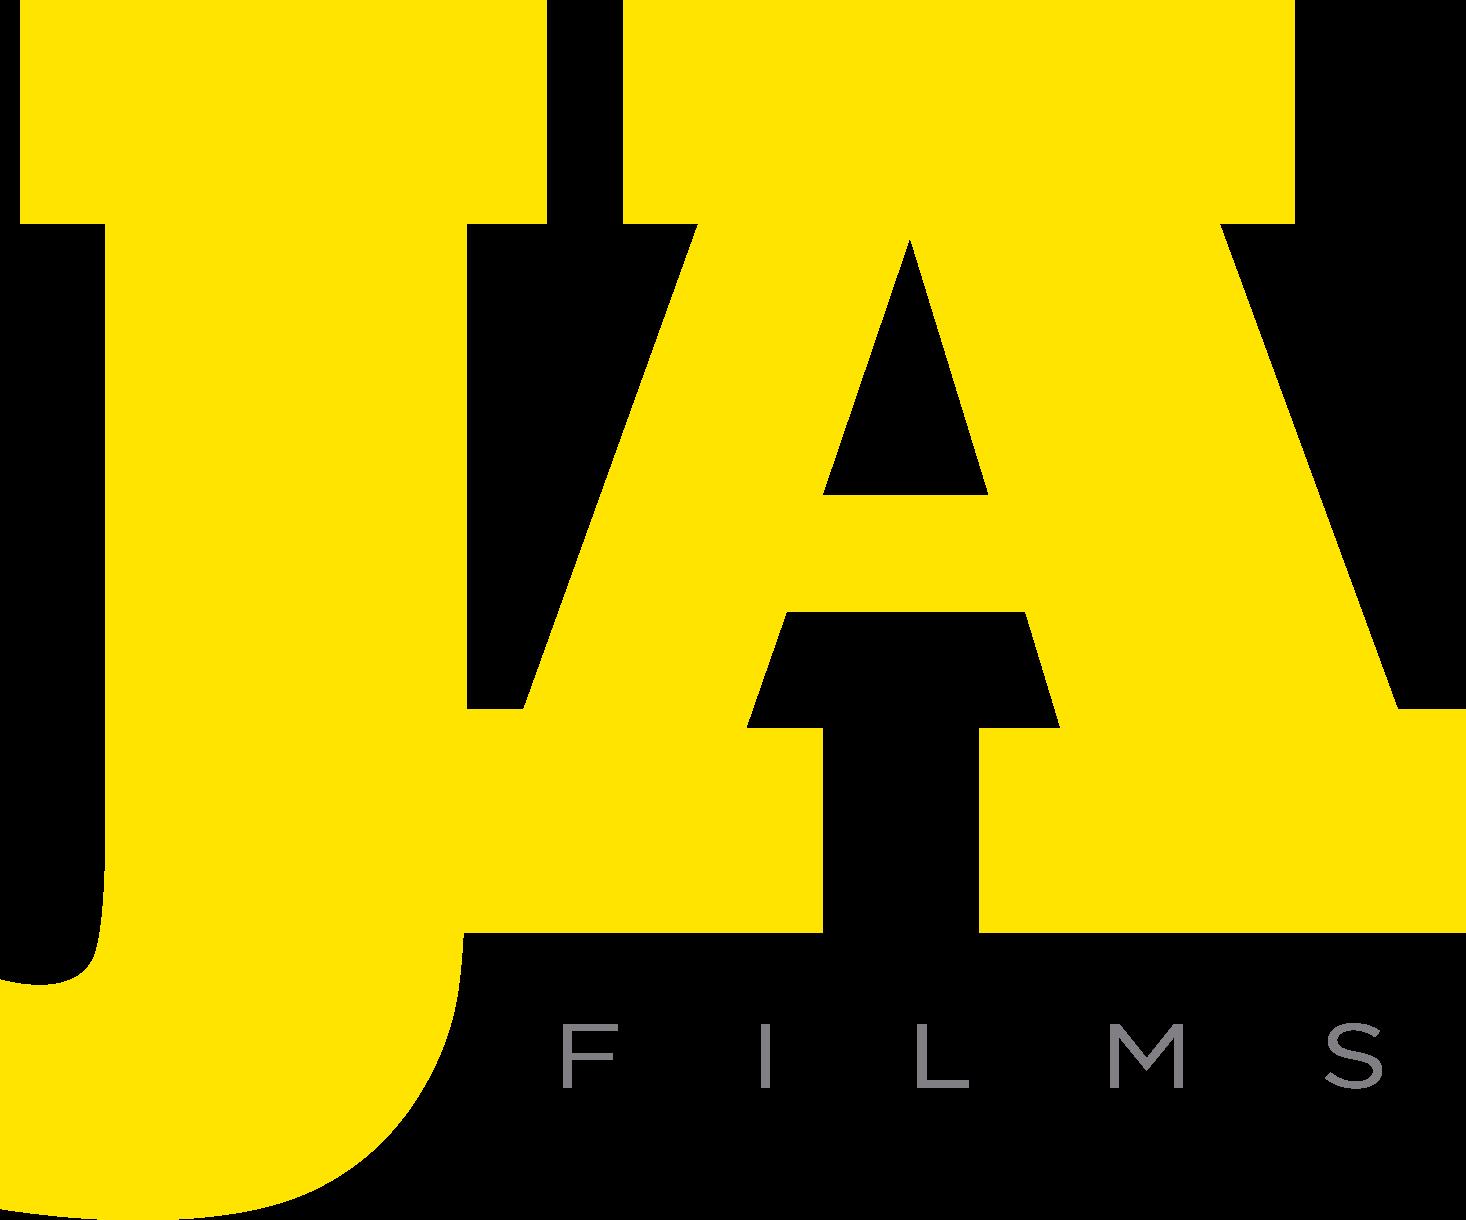 JA Films